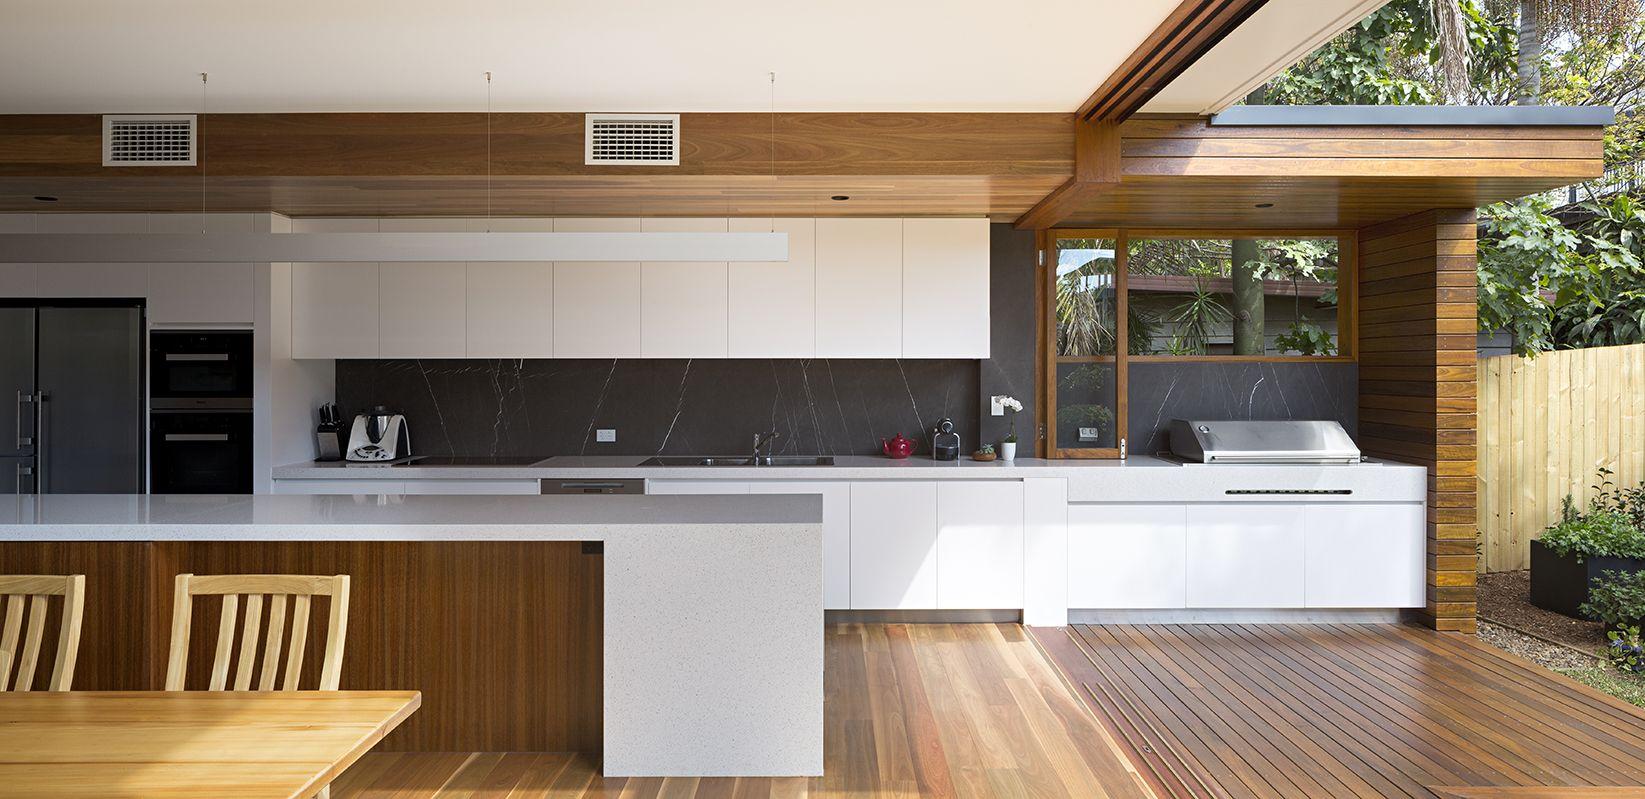 Kitchen and outdoor kitchen, by Tim Stewart Architects